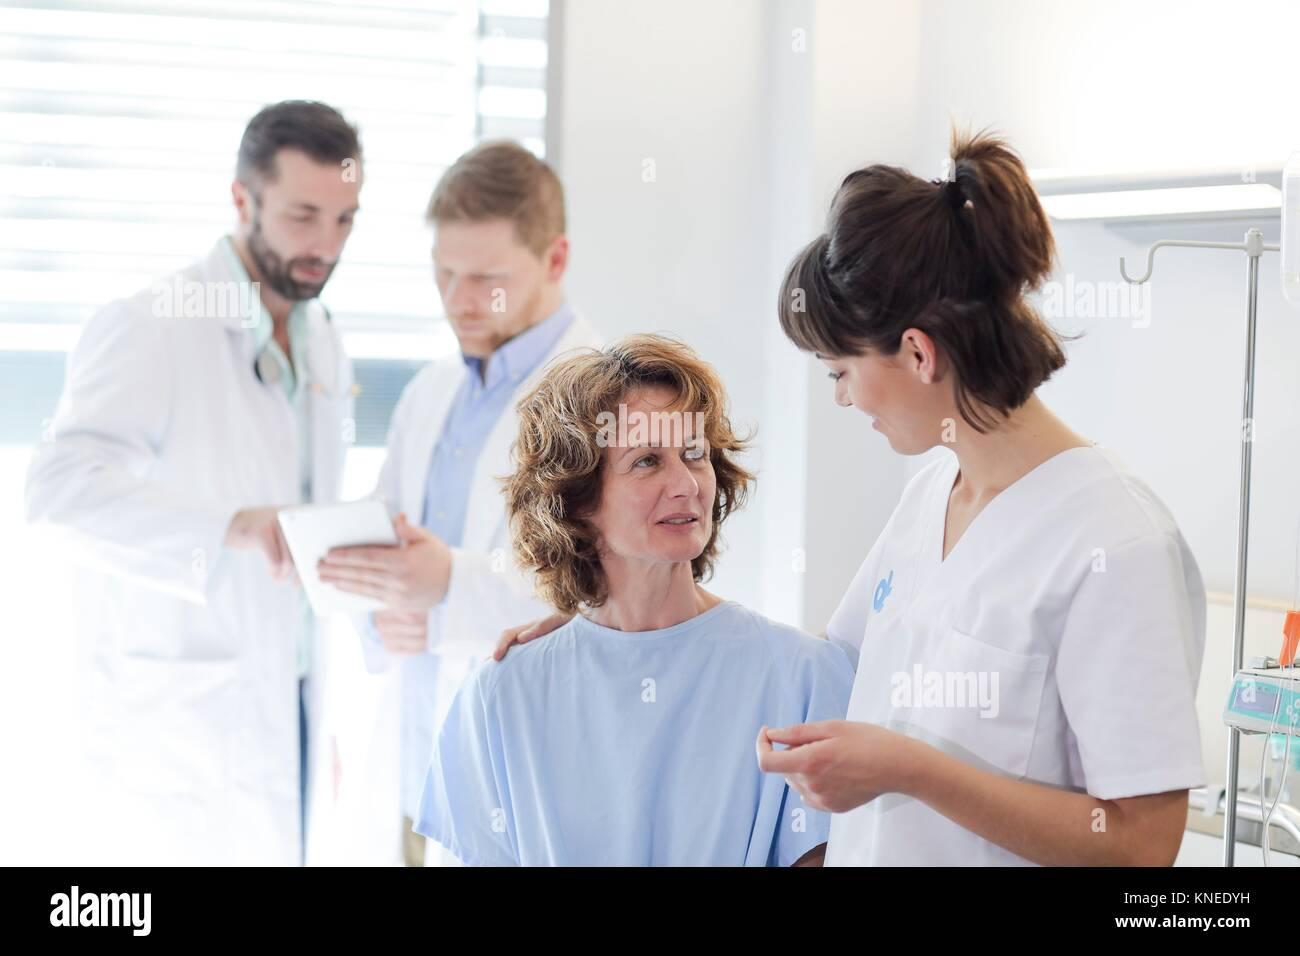 Dans la chambre d'hôpital du patient suivi par un médecin, l'hôpital Photo Stock